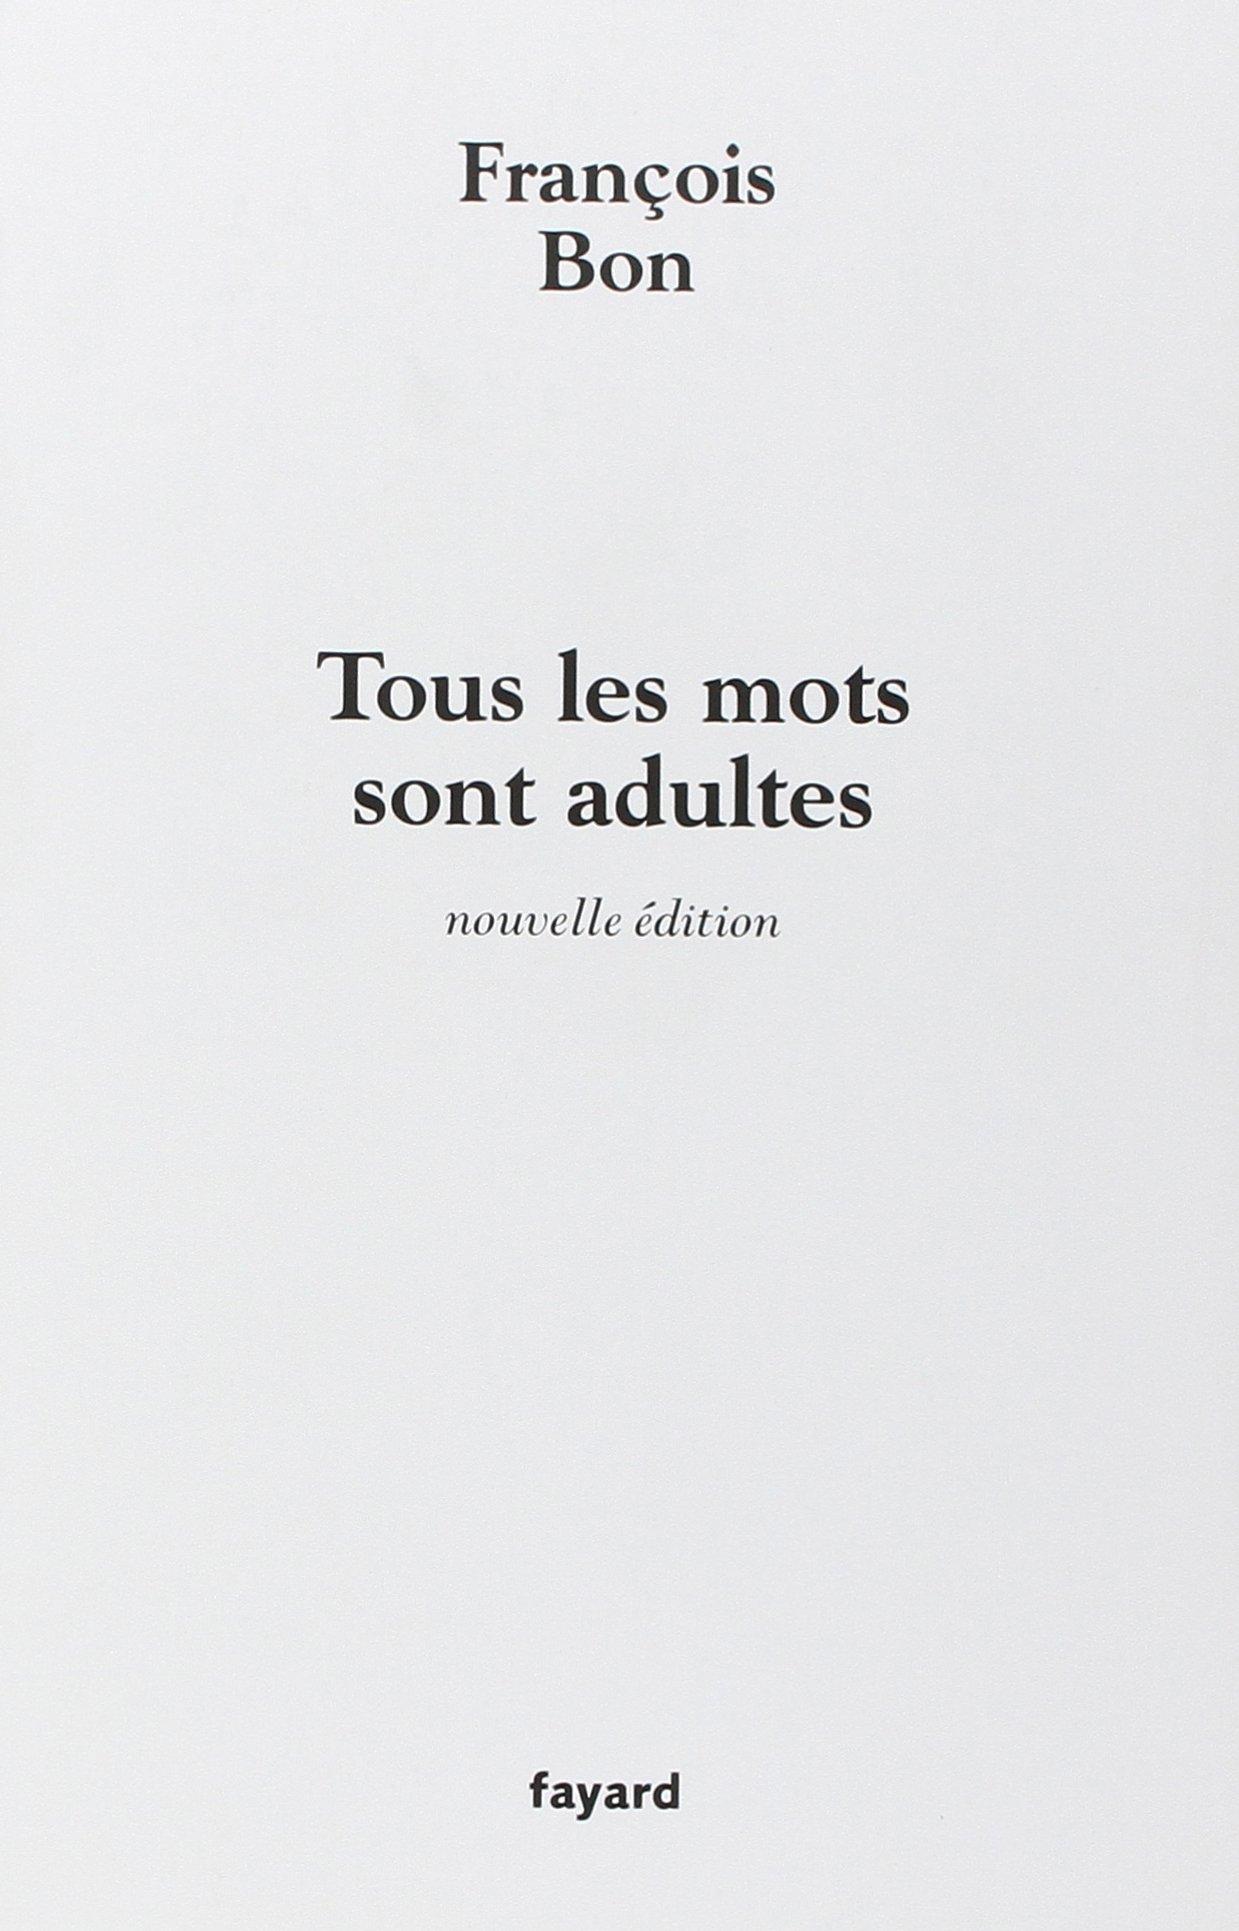 Tous les mots sont adultes : Méthode pour l'atelier d'écriture Broché – 21 septembre 2005 François Bon Fayard 2213625956 TL2213625956